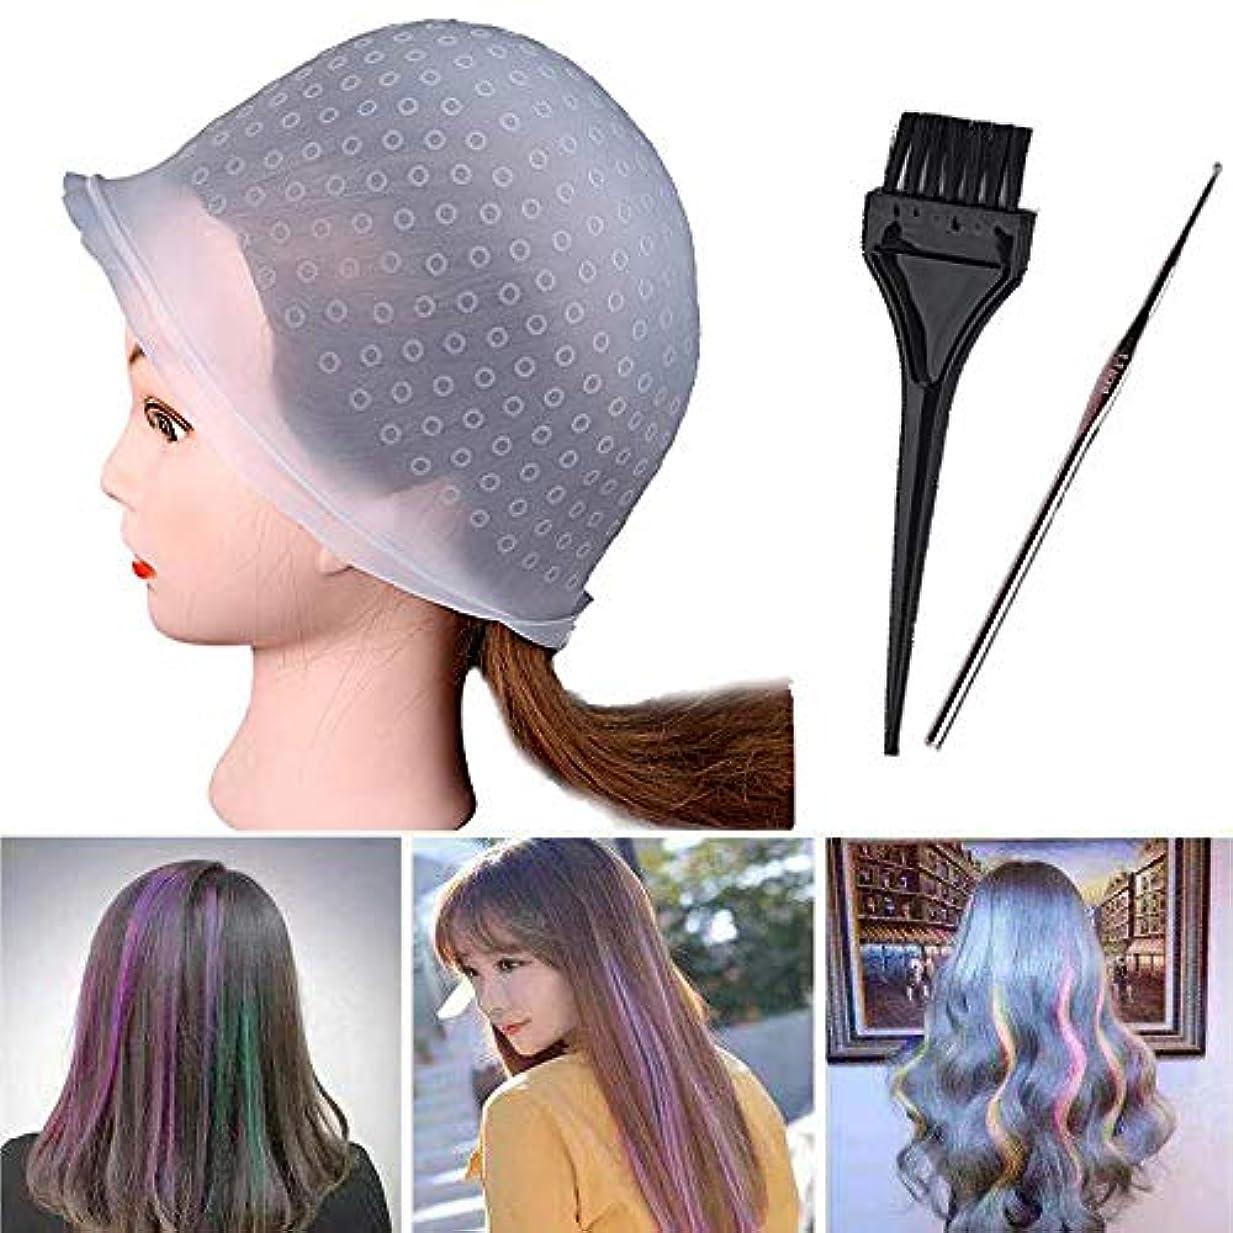 ダーベビルのテス臨検シプリーSHKI 毛染めキャップ 髪染め用ヘアキャップ シリコン製 ヘアカラーヘアキャップ 自宅でヘアカラーを楽しんで美容サロン仕様 棒とブラシ付き